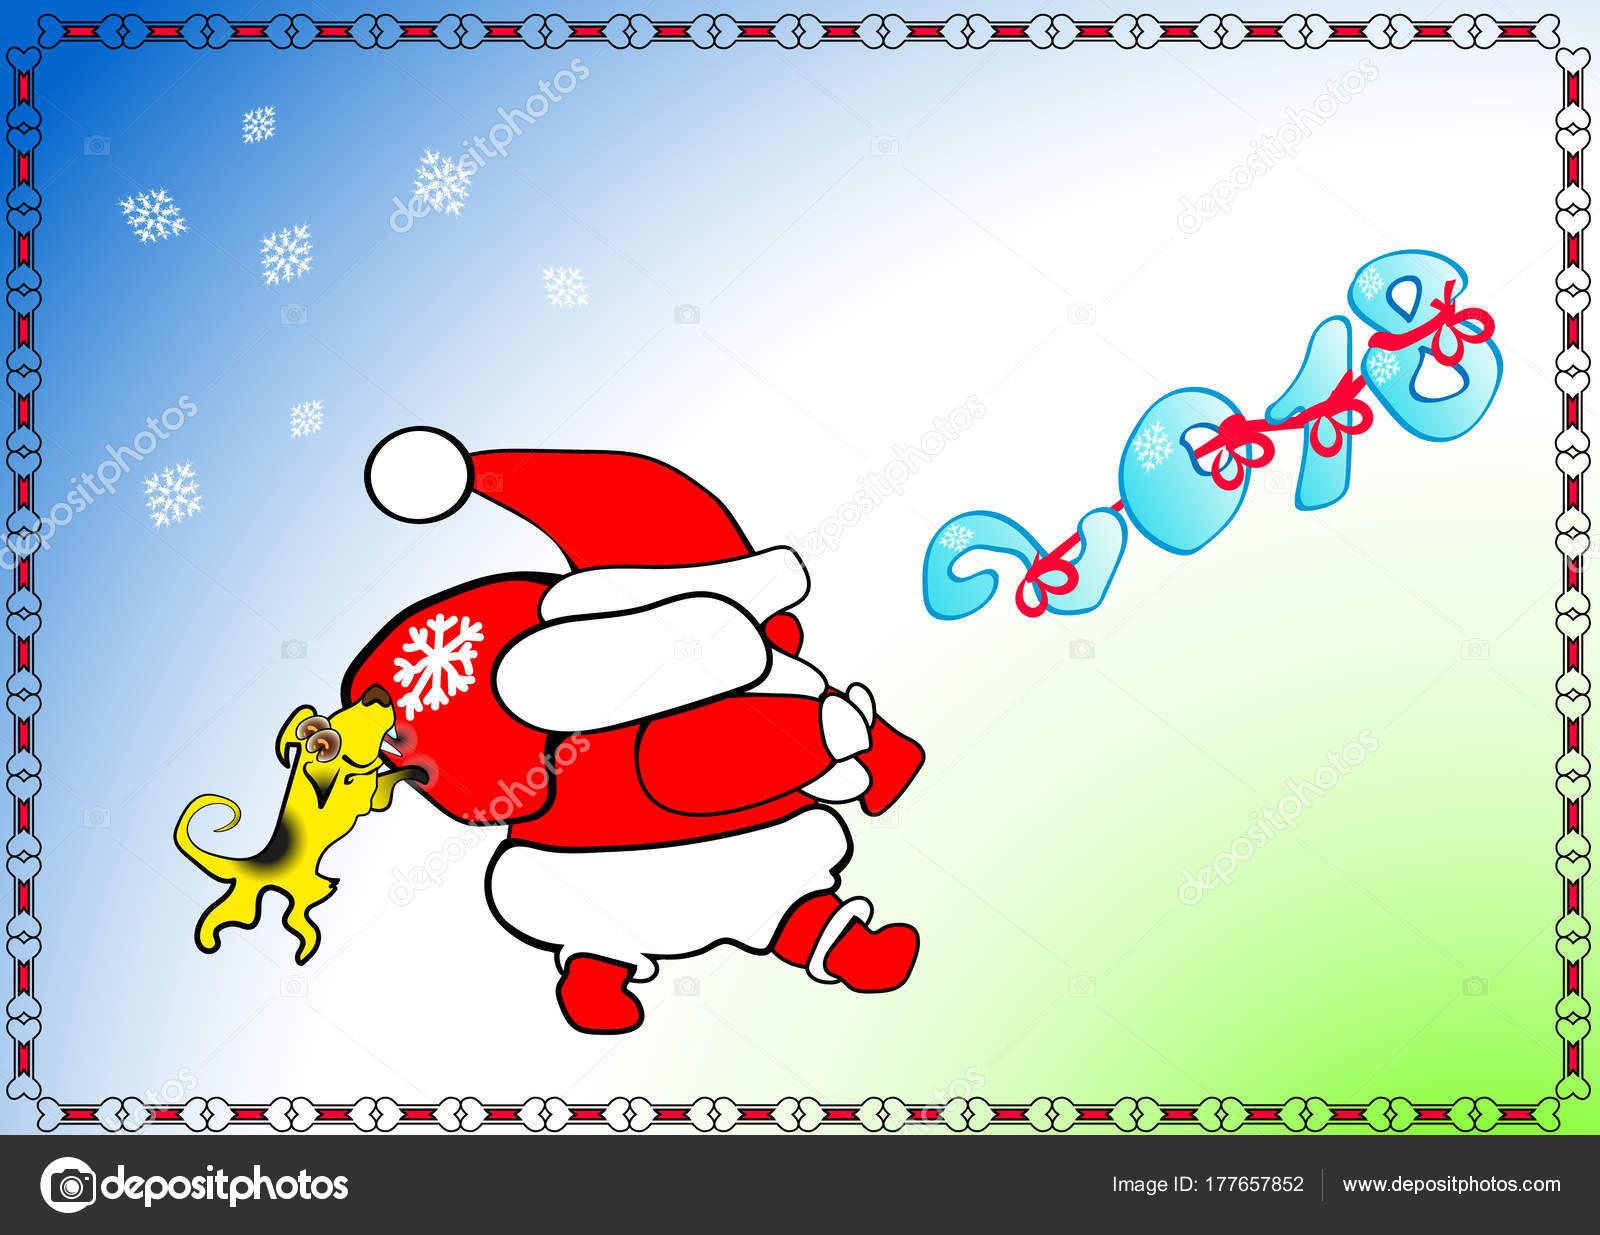 Gelbe Karte Lustig.Neues Jahr Weihnachten Weihnachtsmann Geht Geschenke Trägt